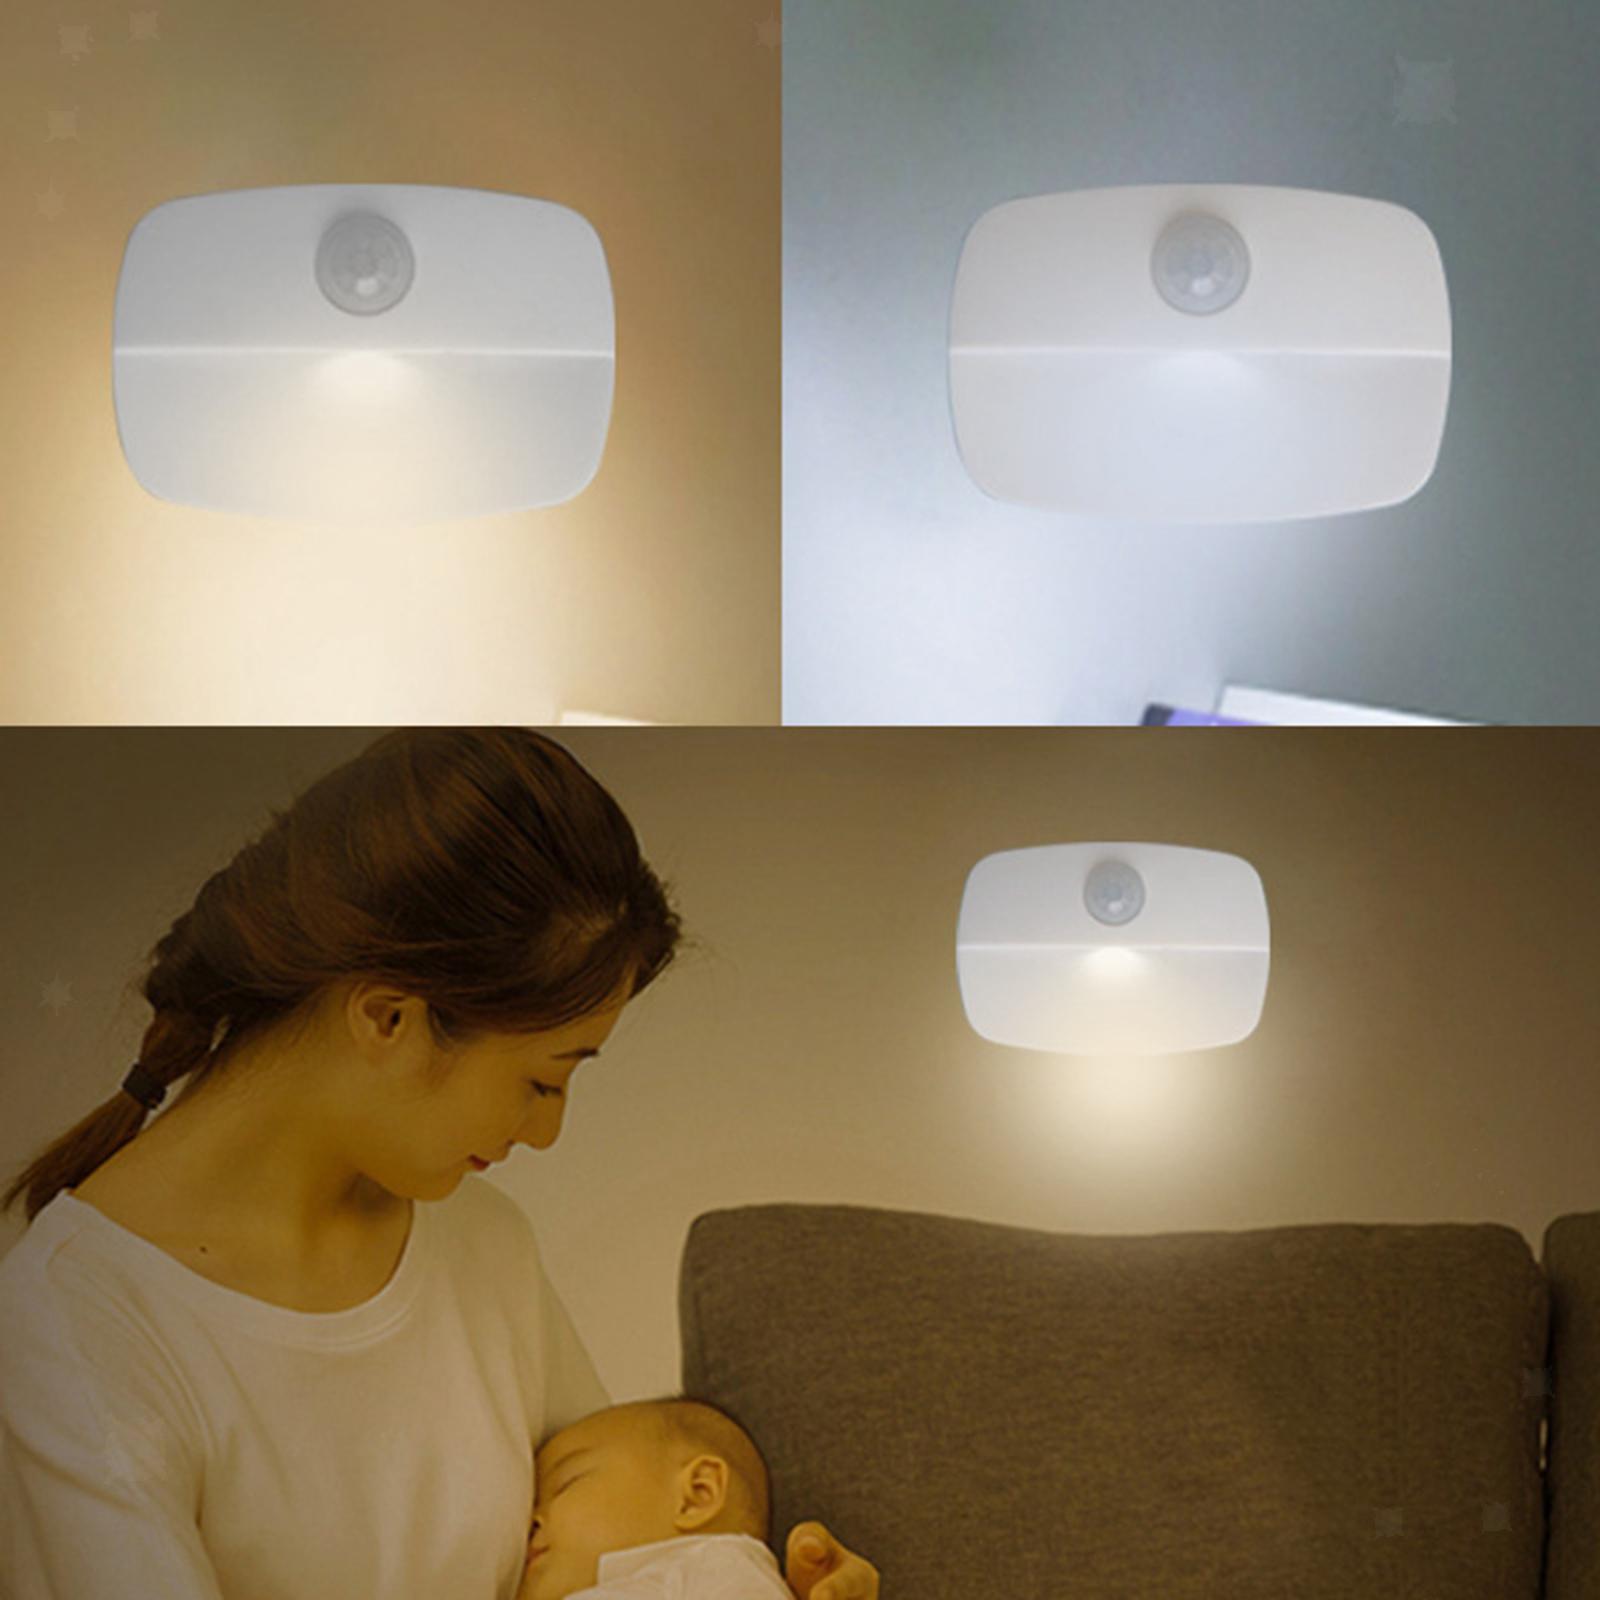 miniatura 4 - Lampada-da-parete-multifunzione-a-LED-con-sensore-di-movimento-Lampada-da-parete